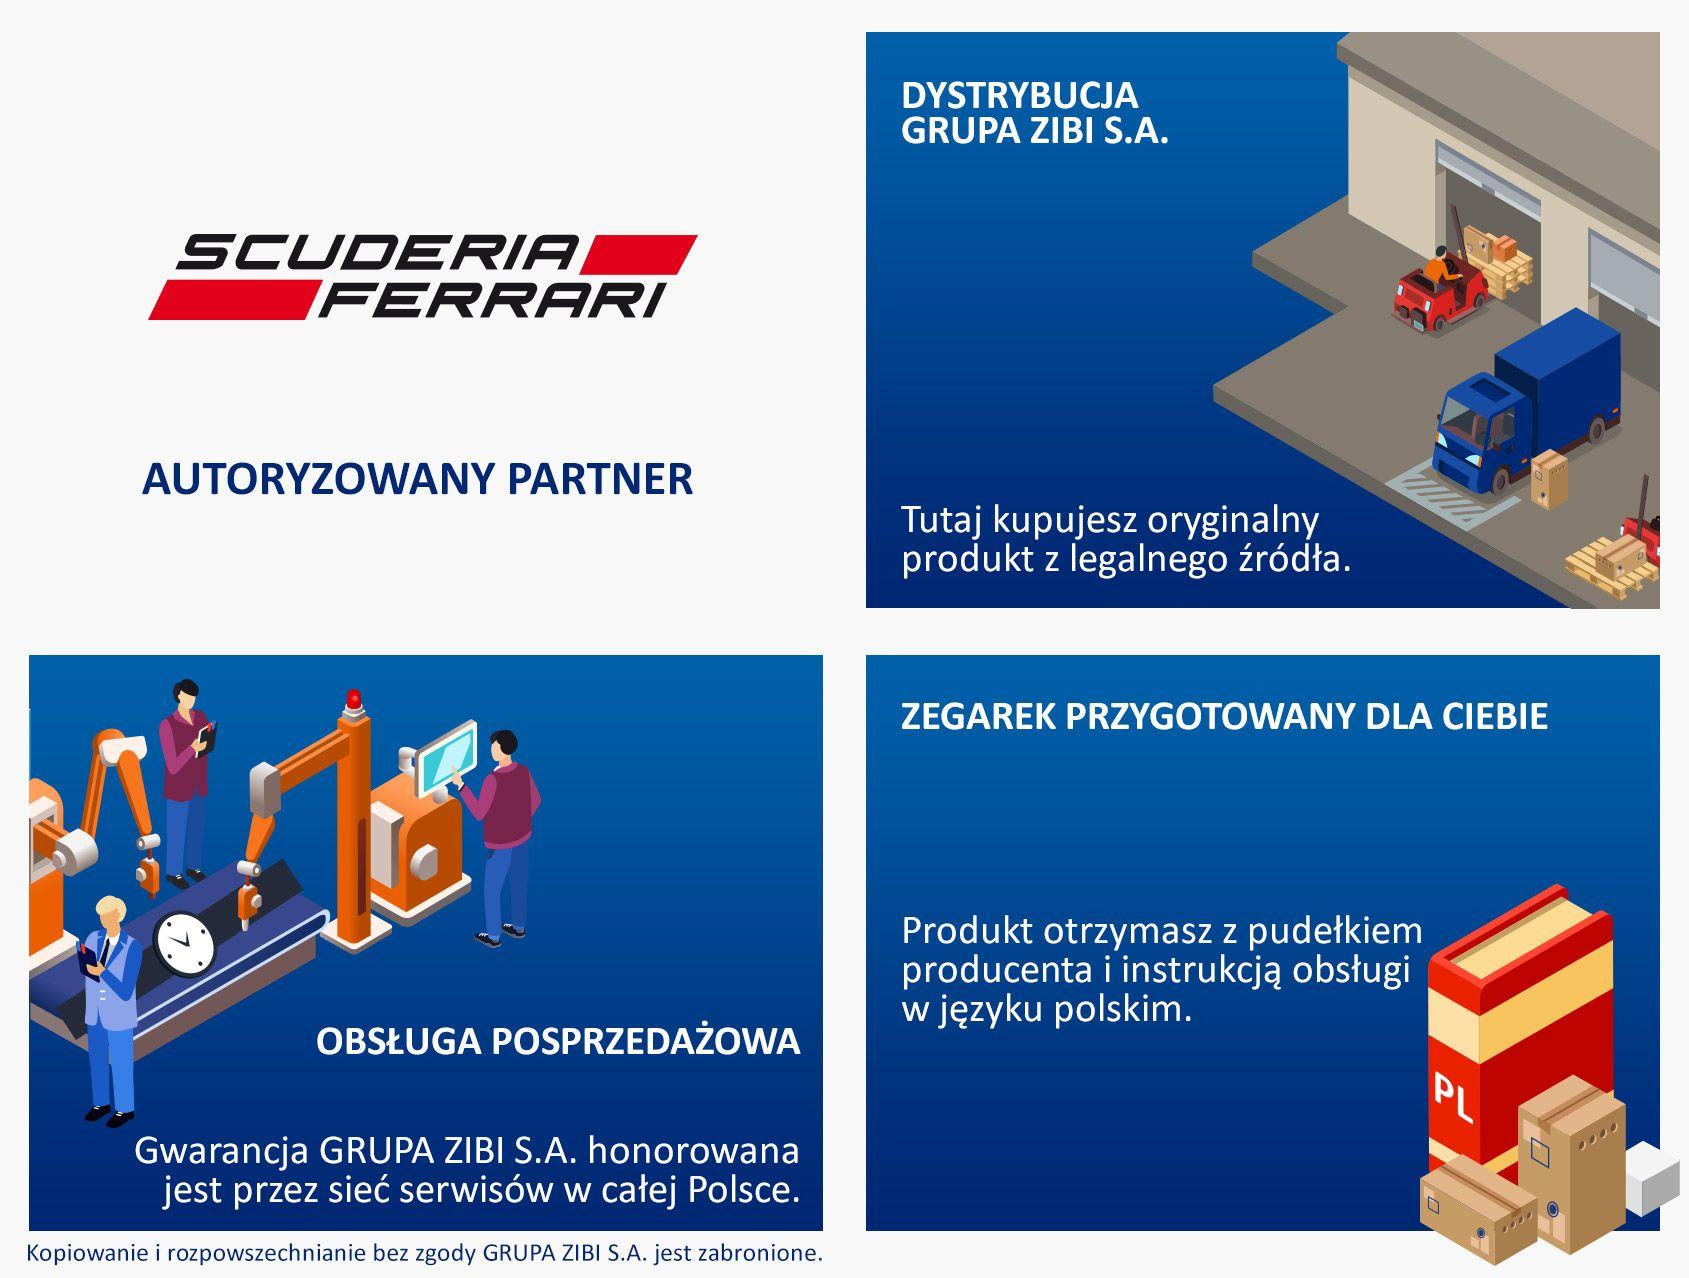 Autoryzowany Partner Scuderia Ferrari